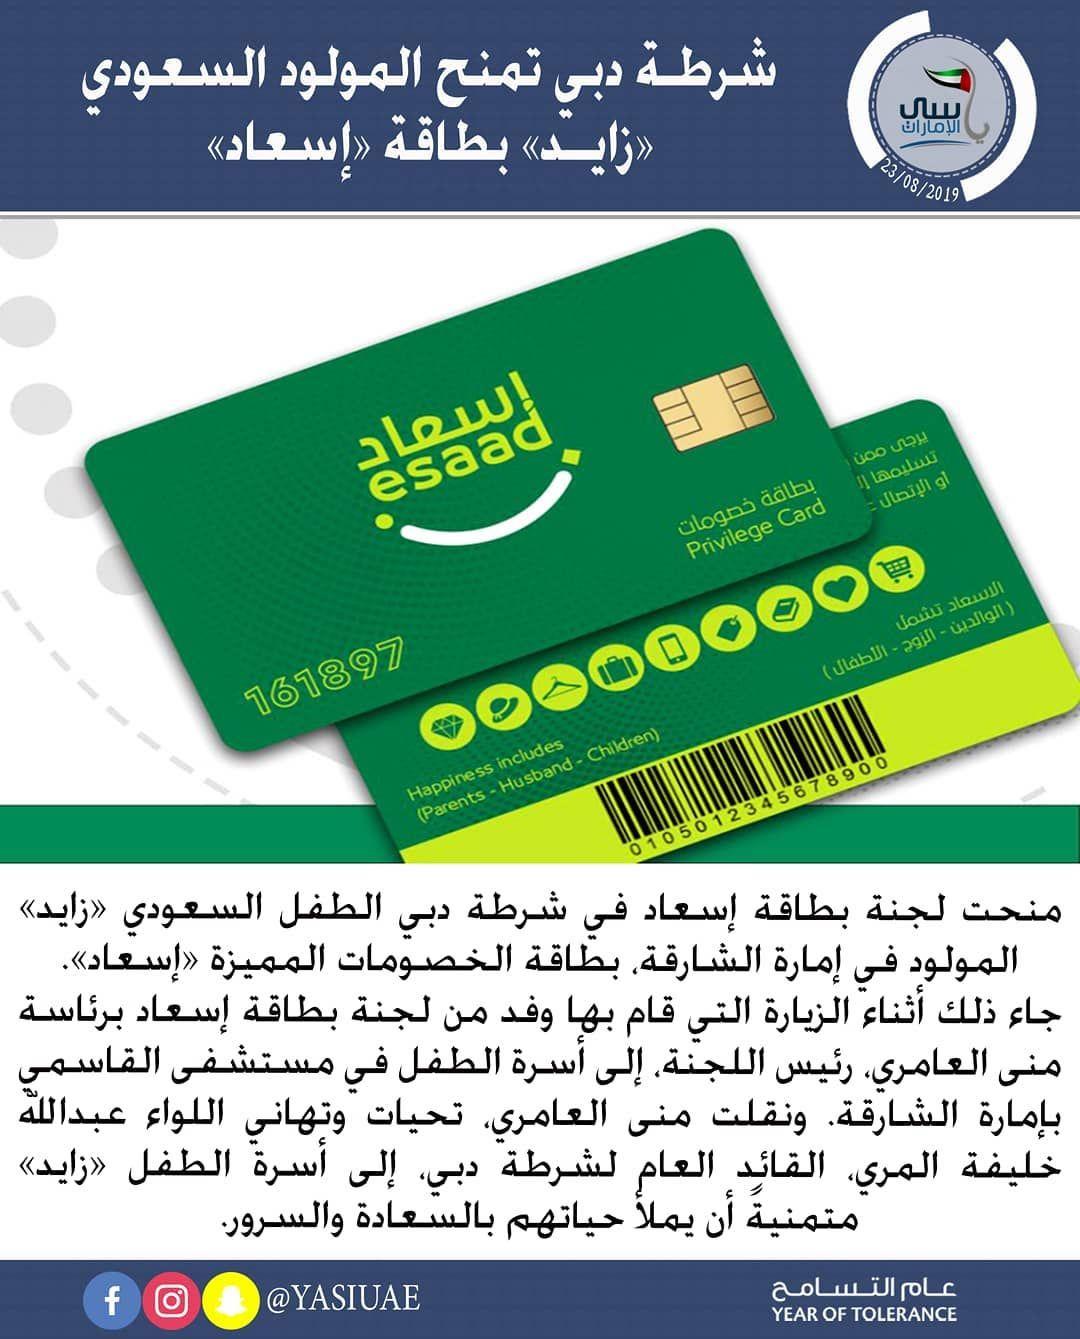 ياسي الامارات شرطة دبي تمنح المولود السعودي زايد بطاقة إسعاد Dubaipolicehq Gum Happy Cards